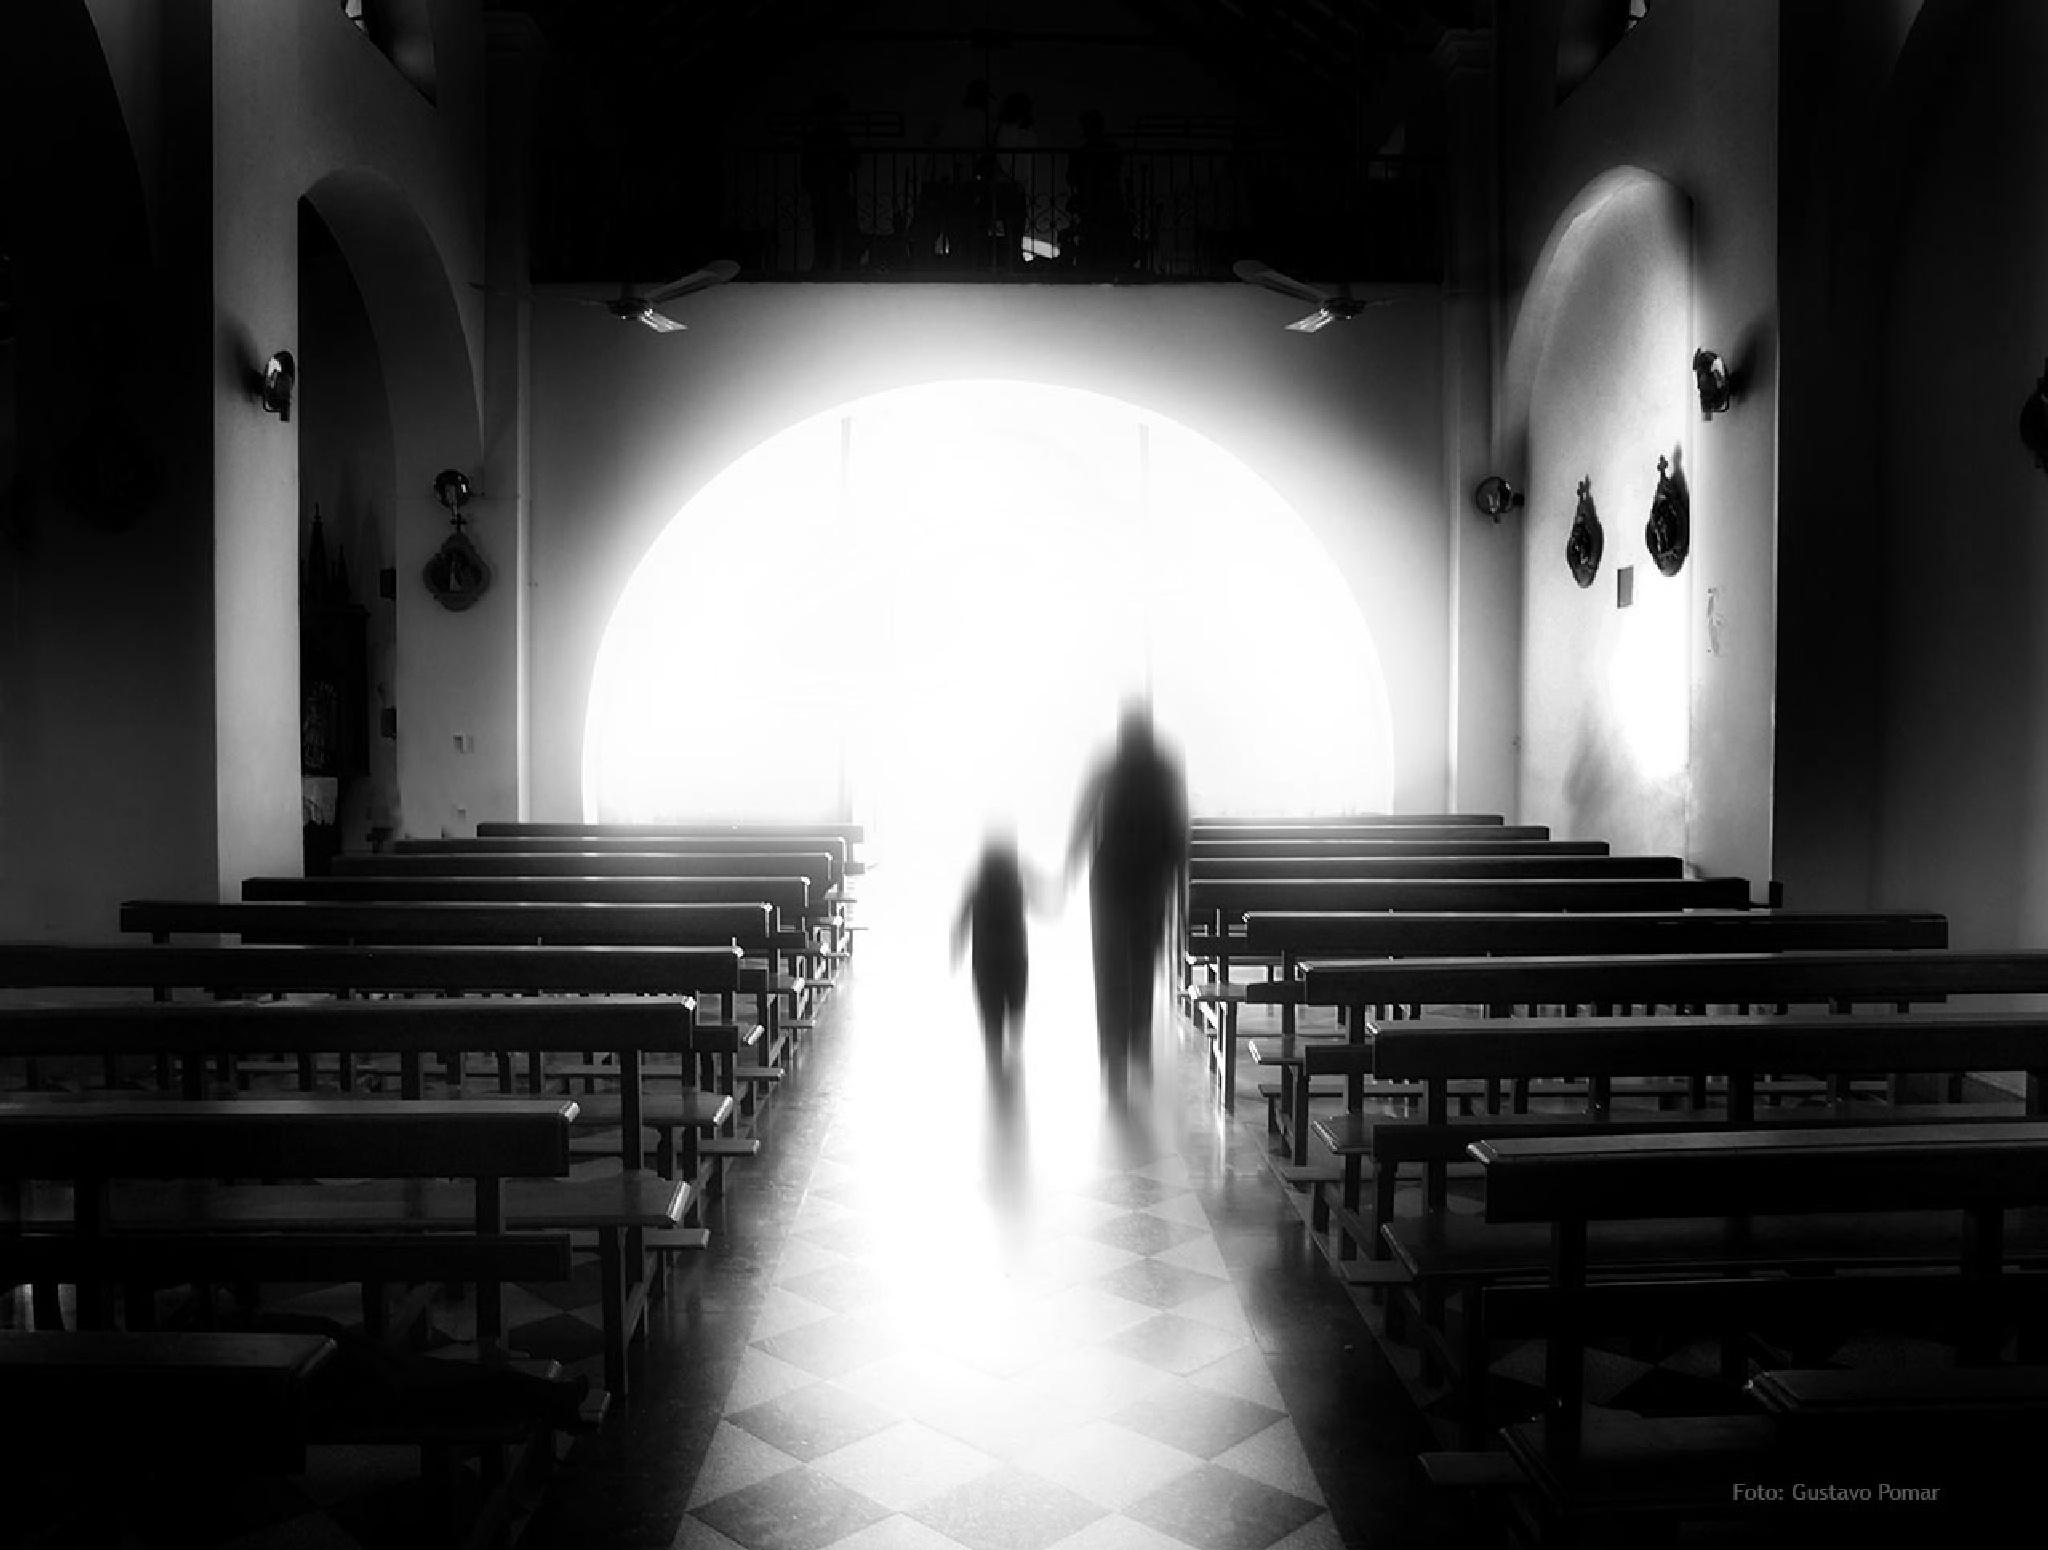 Hacia la luz by GustavoPomar